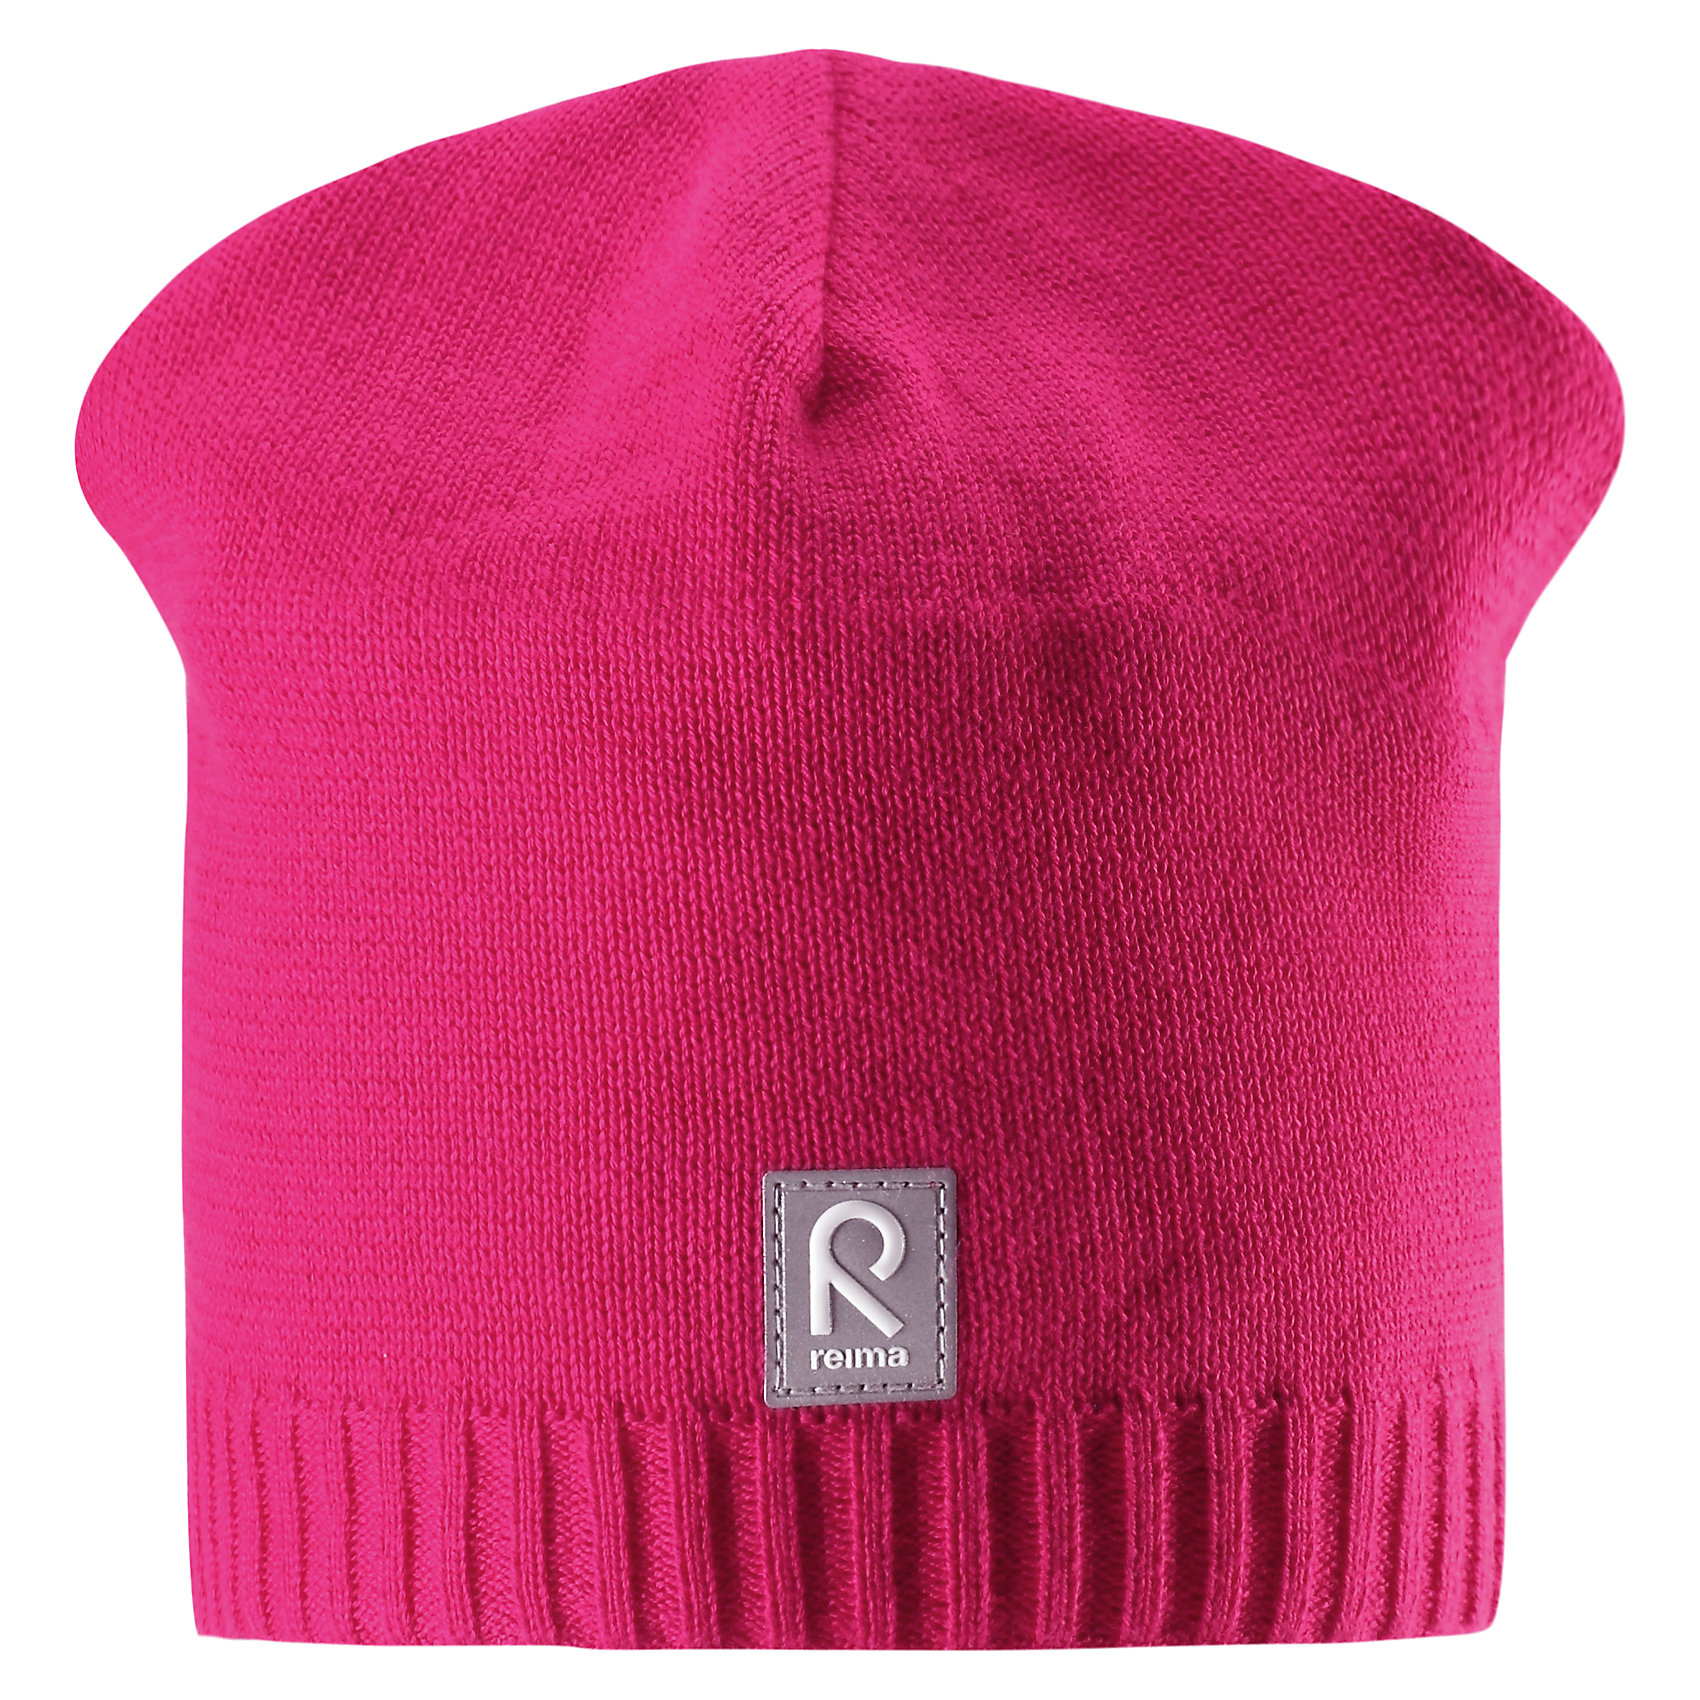 Шапка Datoline для девочки ReimaШапки и шарфы<br>Характеристики товара:<br><br>• цвет: фуксия<br>• состав: 100% хлопок<br>• температурный режим: от +7С<br>• эластичный хлопковый трикотаж<br>• изделие сертифицированно по стандарту Oeko-Tex на продукцию класса 2 - одежда, контактирующая с кожей<br>• ветронепроницаемые вставки в области ушей<br>• полуподкладка: хлопковый трикотаж<br>• эмблема Reima спереди<br>• светоотражающая эмблема спереди<br>• страна бренда: Финляндия<br>• страна производства: Китай<br><br>Детский головной убор может быть модным и удобным одновременно! Стильная шапка поможет обеспечить ребенку комфорт и дополнить наряд.Шапка удобно сидит и аккуратно выглядит. Проста в уходе, долго служит. Стильный дизайн разрабатывался специально для детей. Отличная защита от дождя и ветра!<br><br>Уход:<br><br>• стирать по отдельности, вывернув наизнанку<br>• придать первоначальную форму вo влажном виде<br>• возможна усадка 5 %.<br><br>Шапку от финского бренда Reima (Рейма) можно купить в нашем интернет-магазине.<br><br>Ширина мм: 89<br>Глубина мм: 117<br>Высота мм: 44<br>Вес г: 155<br>Цвет: розовый<br>Возраст от месяцев: 18<br>Возраст до месяцев: 36<br>Пол: Женский<br>Возраст: Детский<br>Размер: 54,50,56,52<br>SKU: 5267970